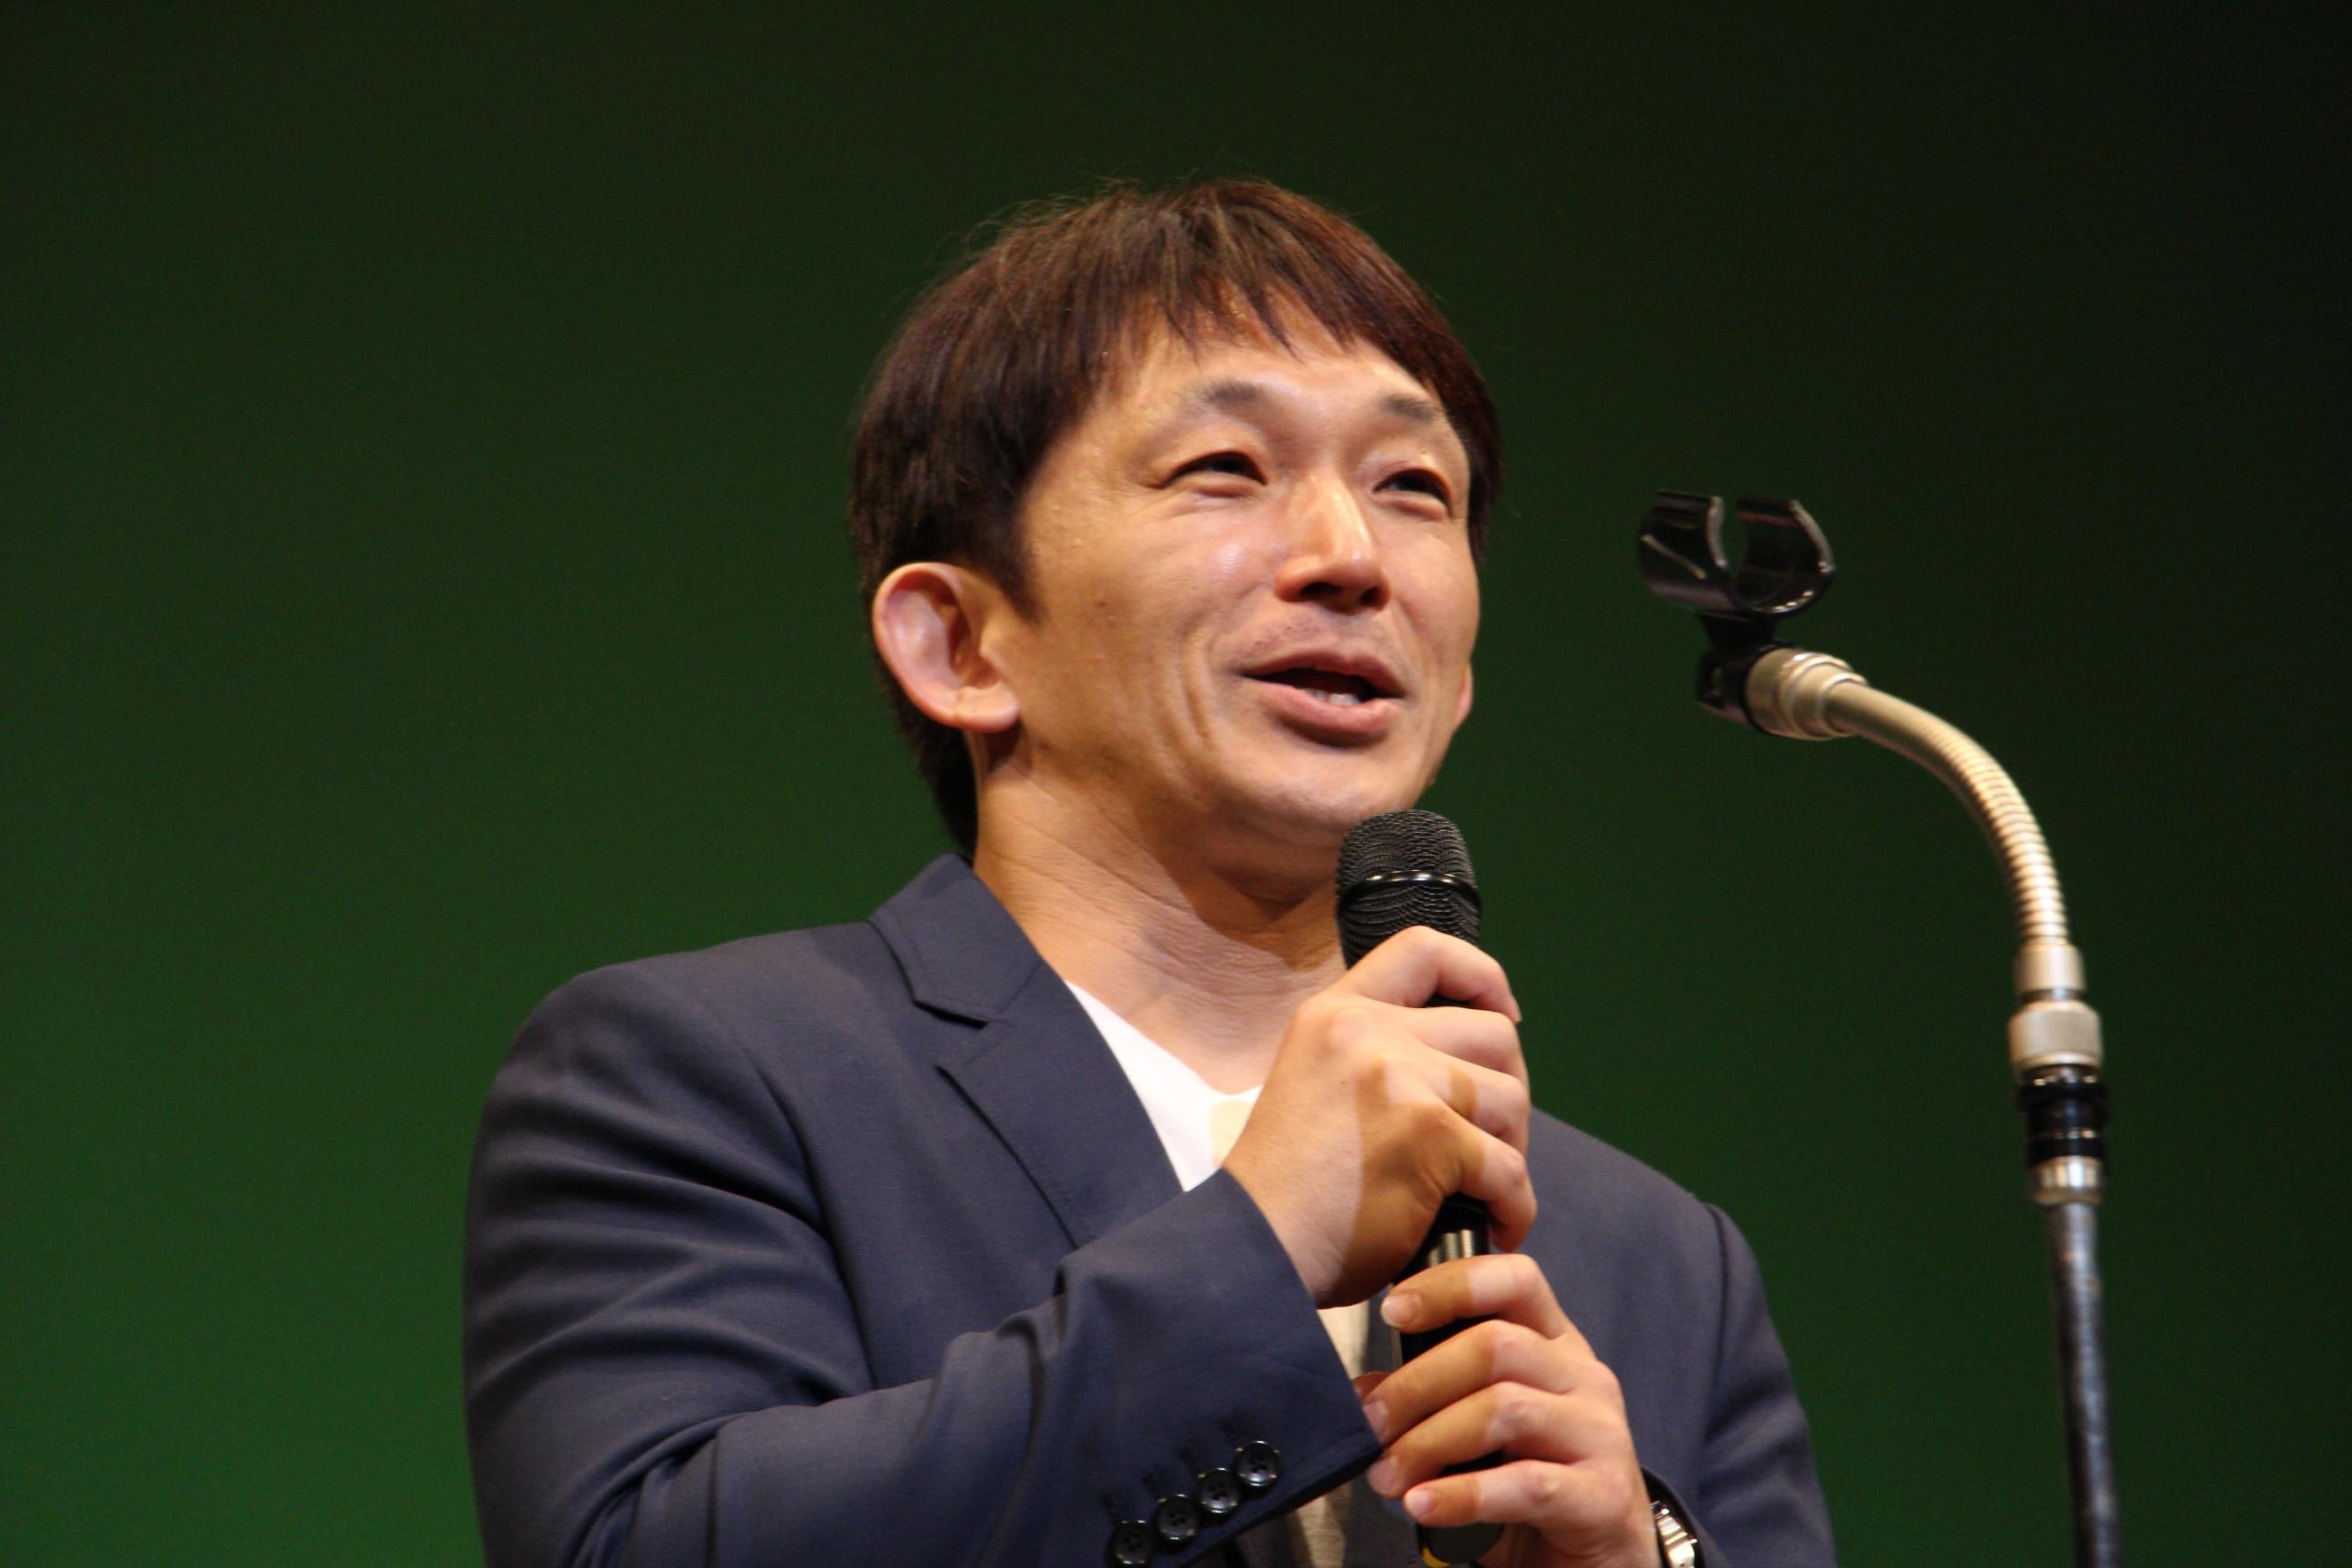 ベストアクション監督賞プレゼンターとして登壇した谷垣健治氏